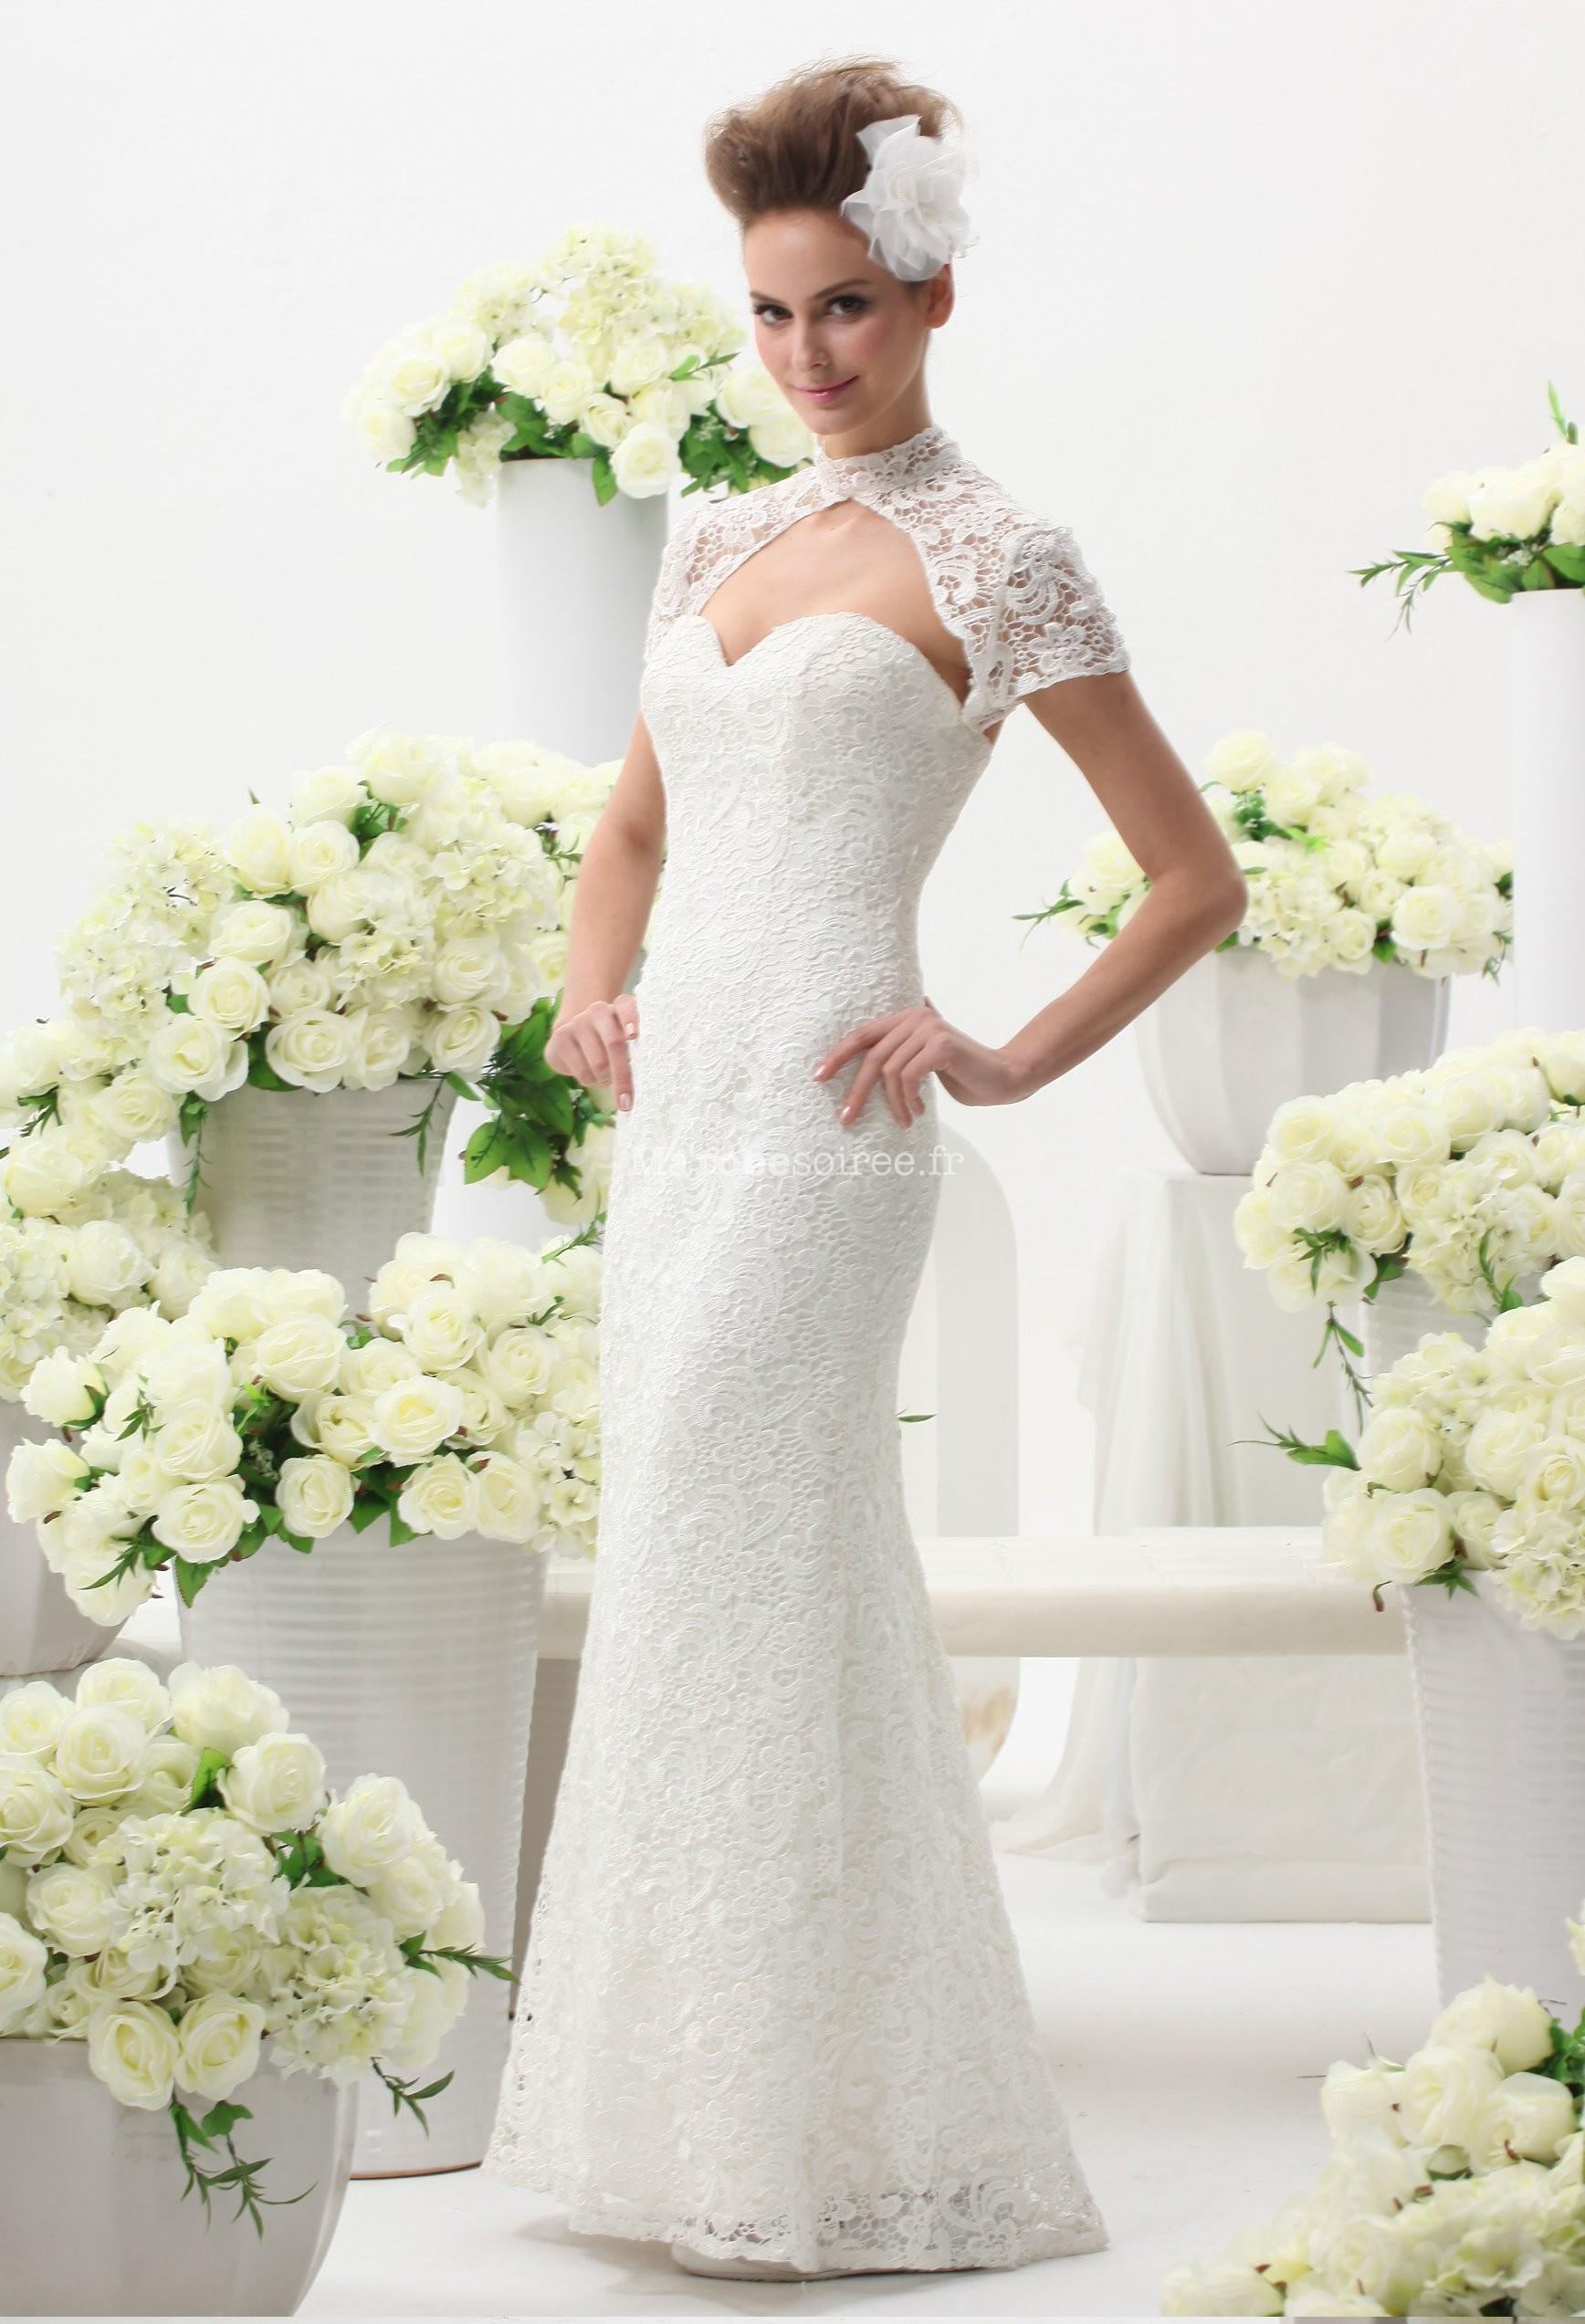 Robe de mariee avec bolero en dentelle